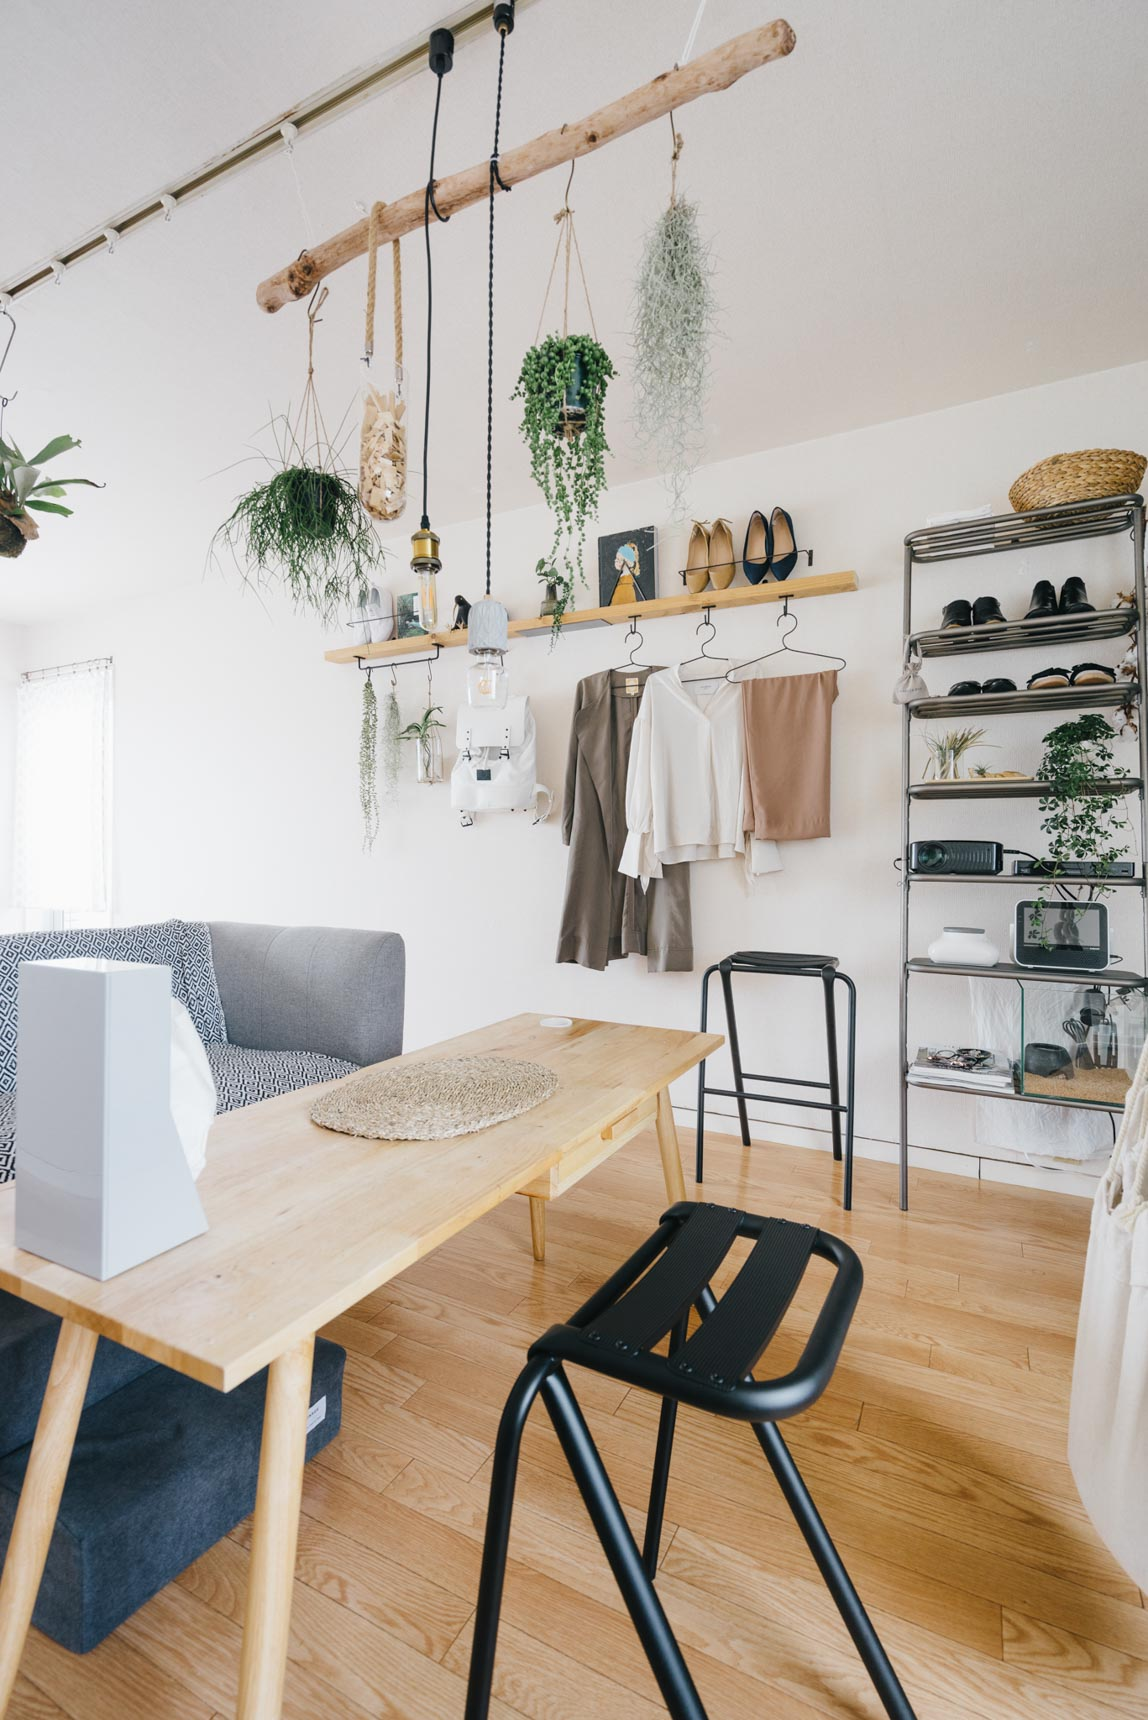 テーブルは少し高さのあるものをチョイス。あまり物を置かないスタイルの方のお部屋とあって、大き目のインテリアがあっても圧迫感がありませんね。